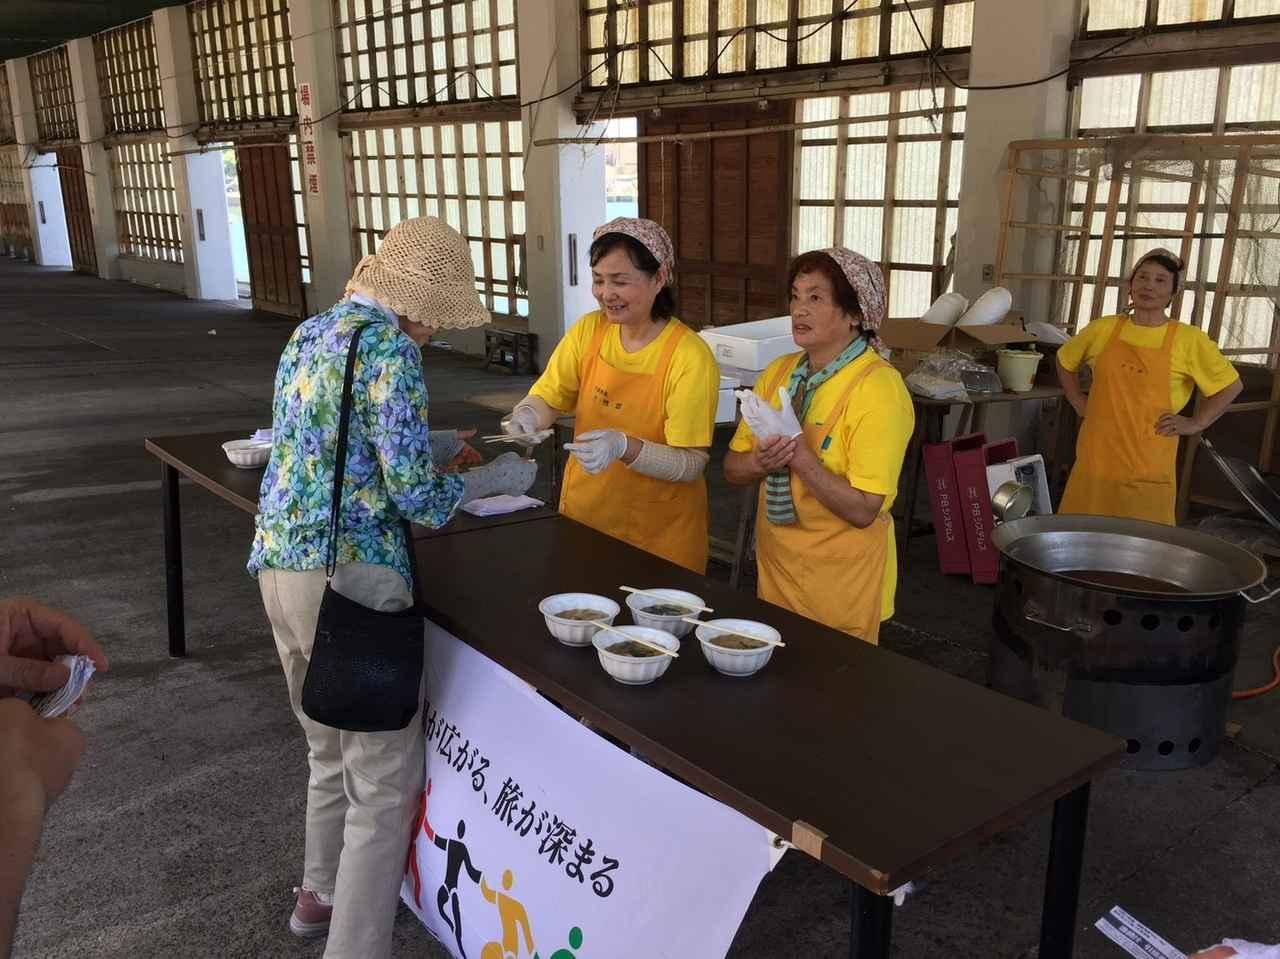 画像2: 【国内旅行・地域47ヨンナナの旅】「山陰の松島」浦富海岸クルーズと鳥取砂丘イベント 7/14・15開催 192名のお客様がご参加されました